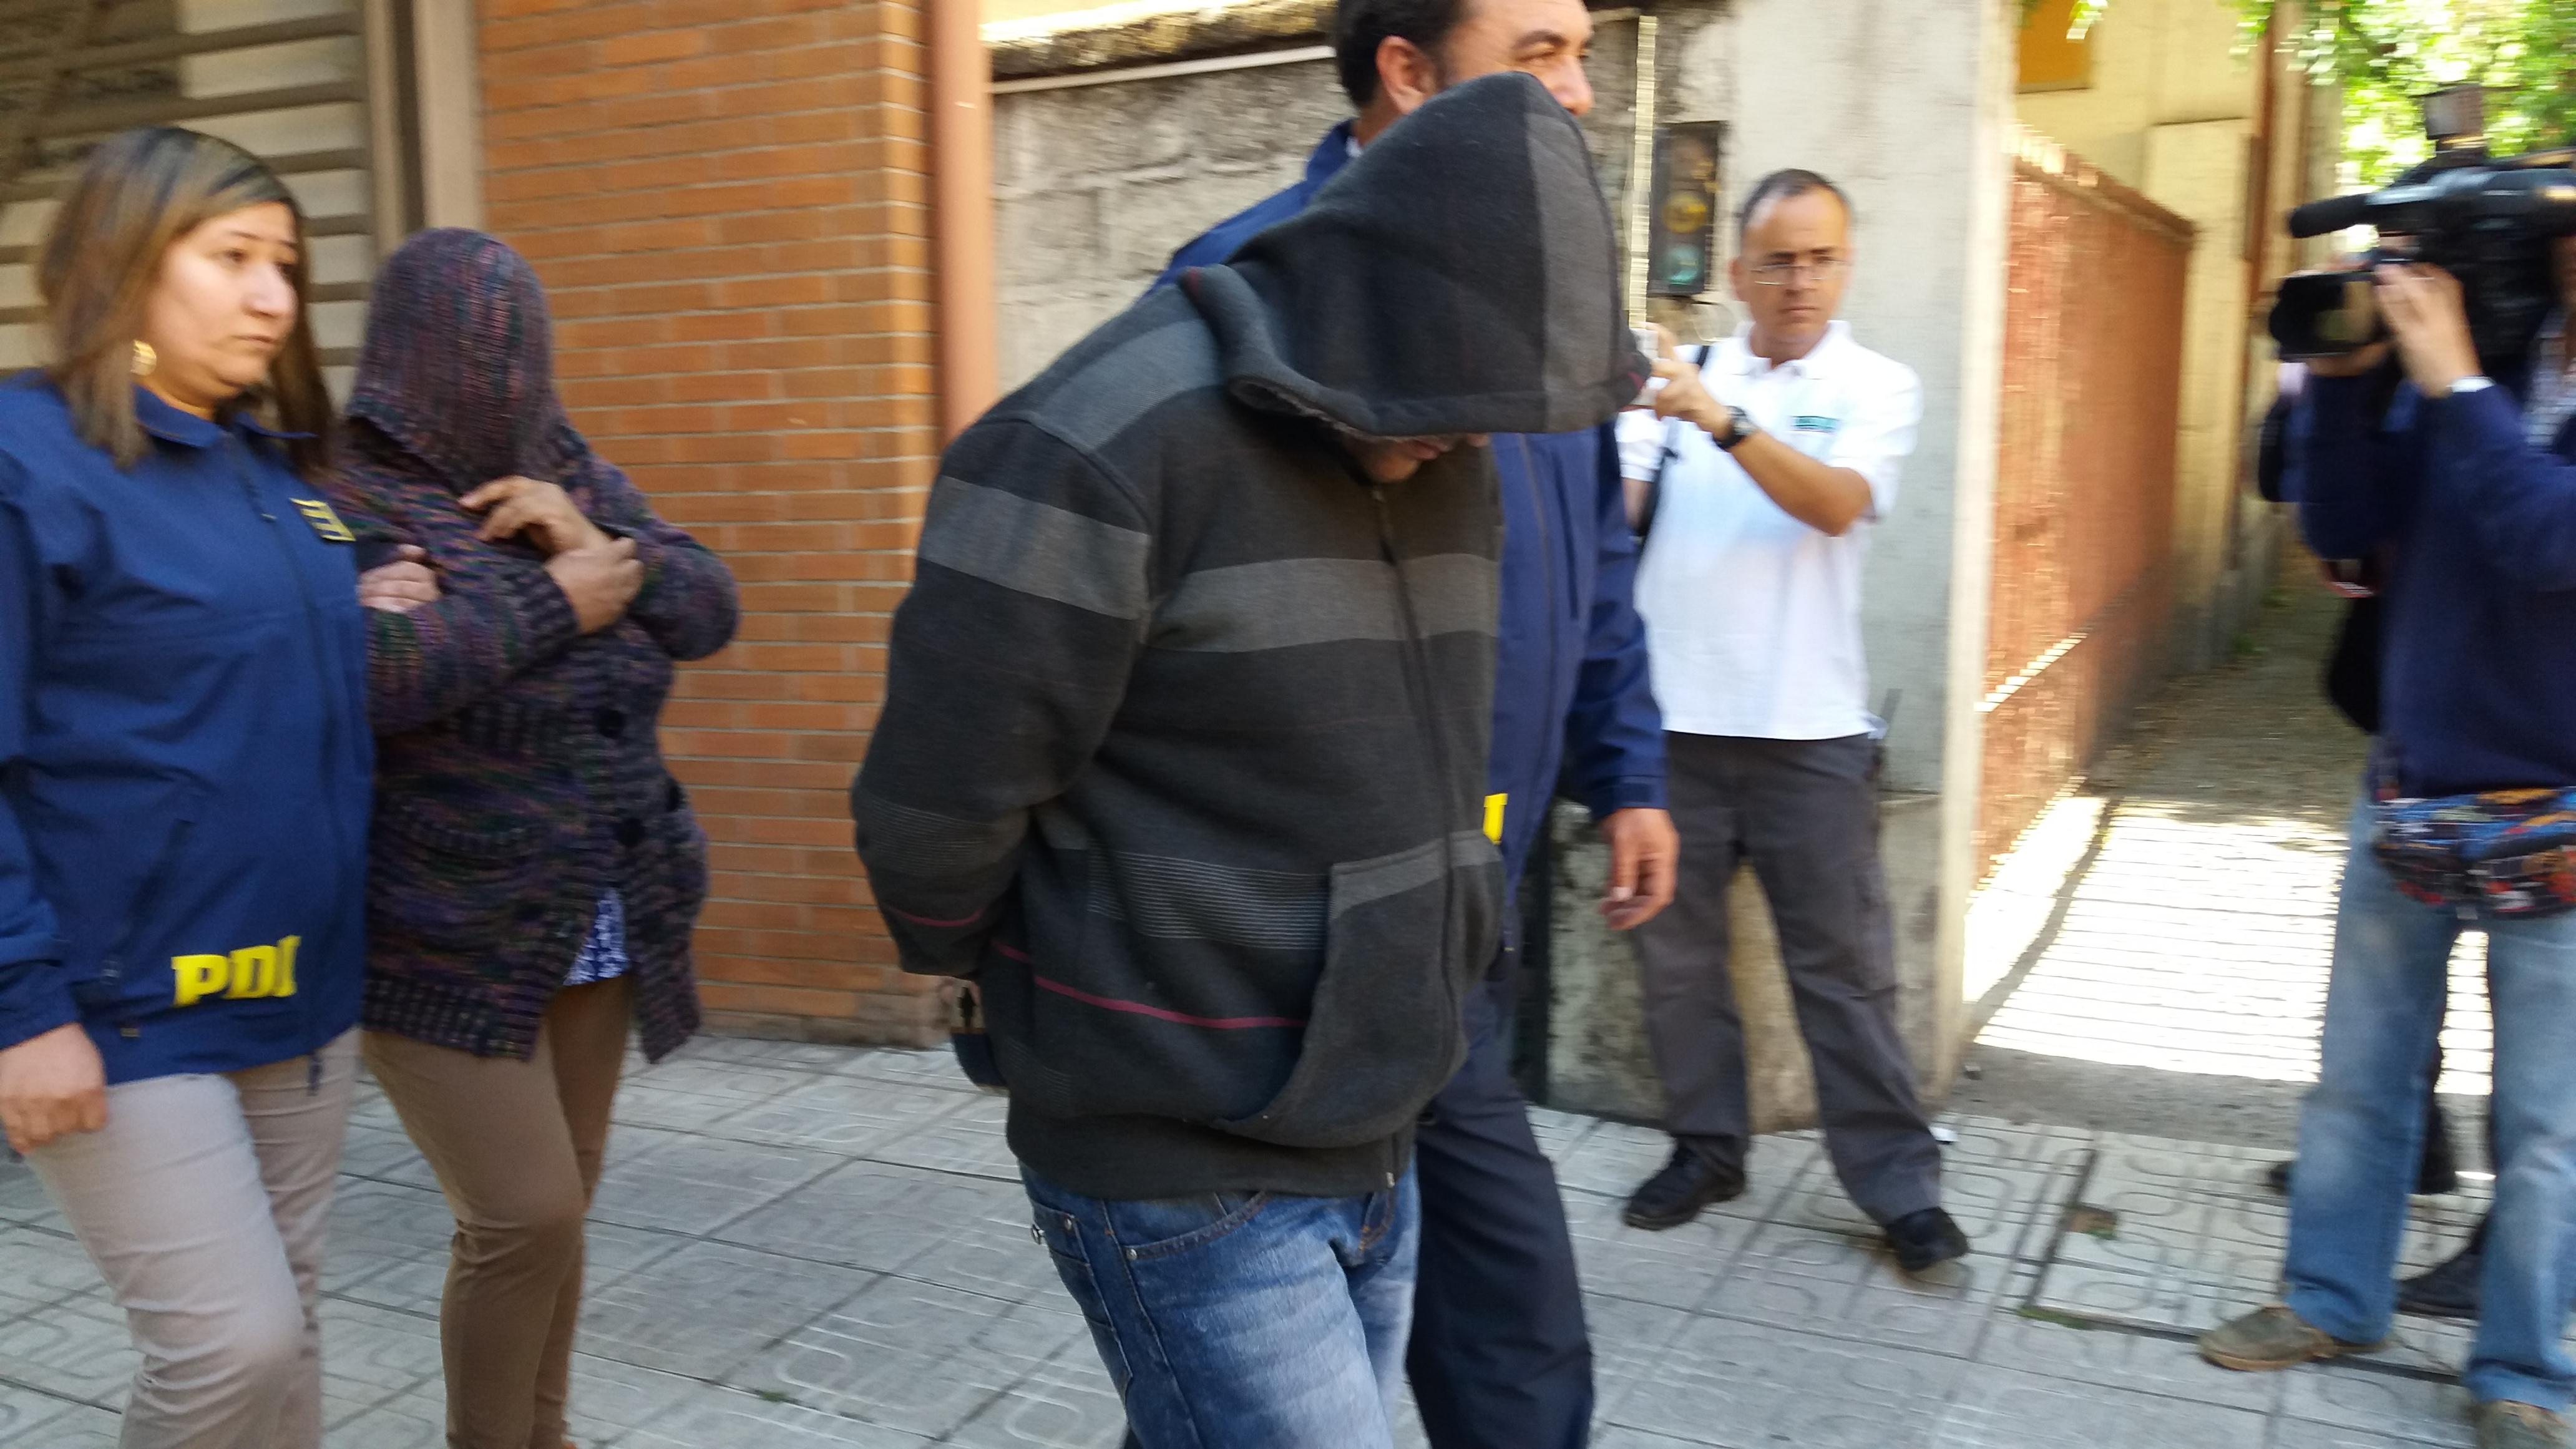 MADRE E HIJO SON DETENIDOS POR LA PDI, IMPLICADOS EN EL TRAFICO DE DROGAS EN VIVIENDA DEL SECTOR ORIENTE DE TALCA